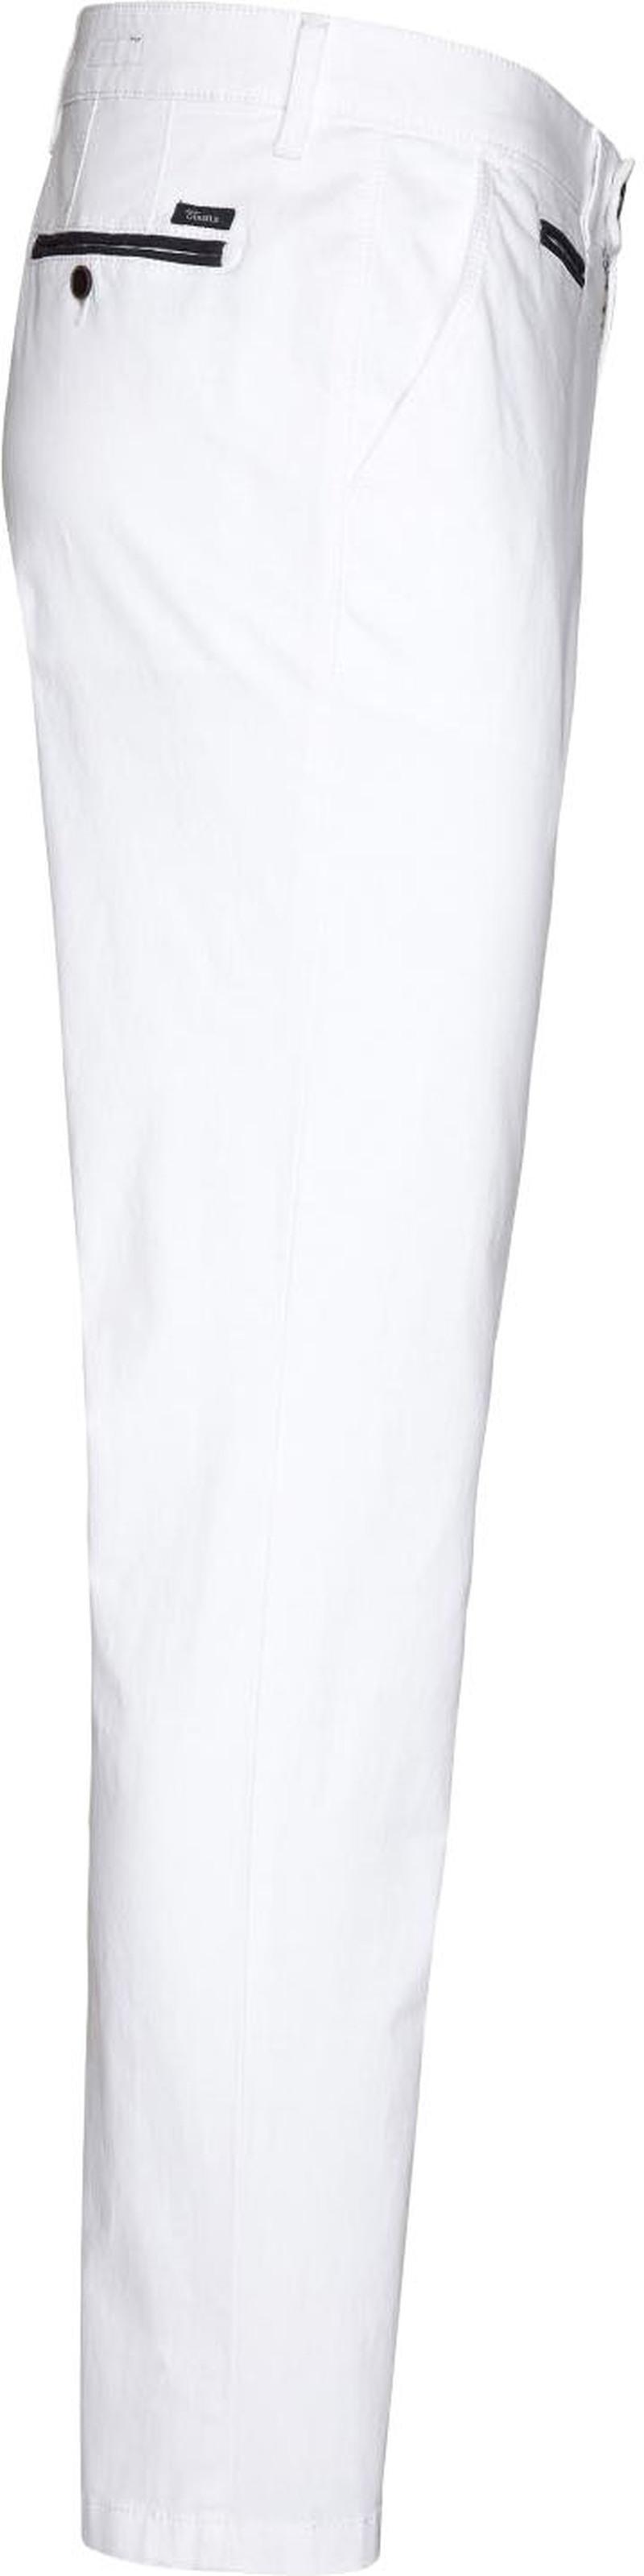 Gardeur Chino Benny 3 White photo 2